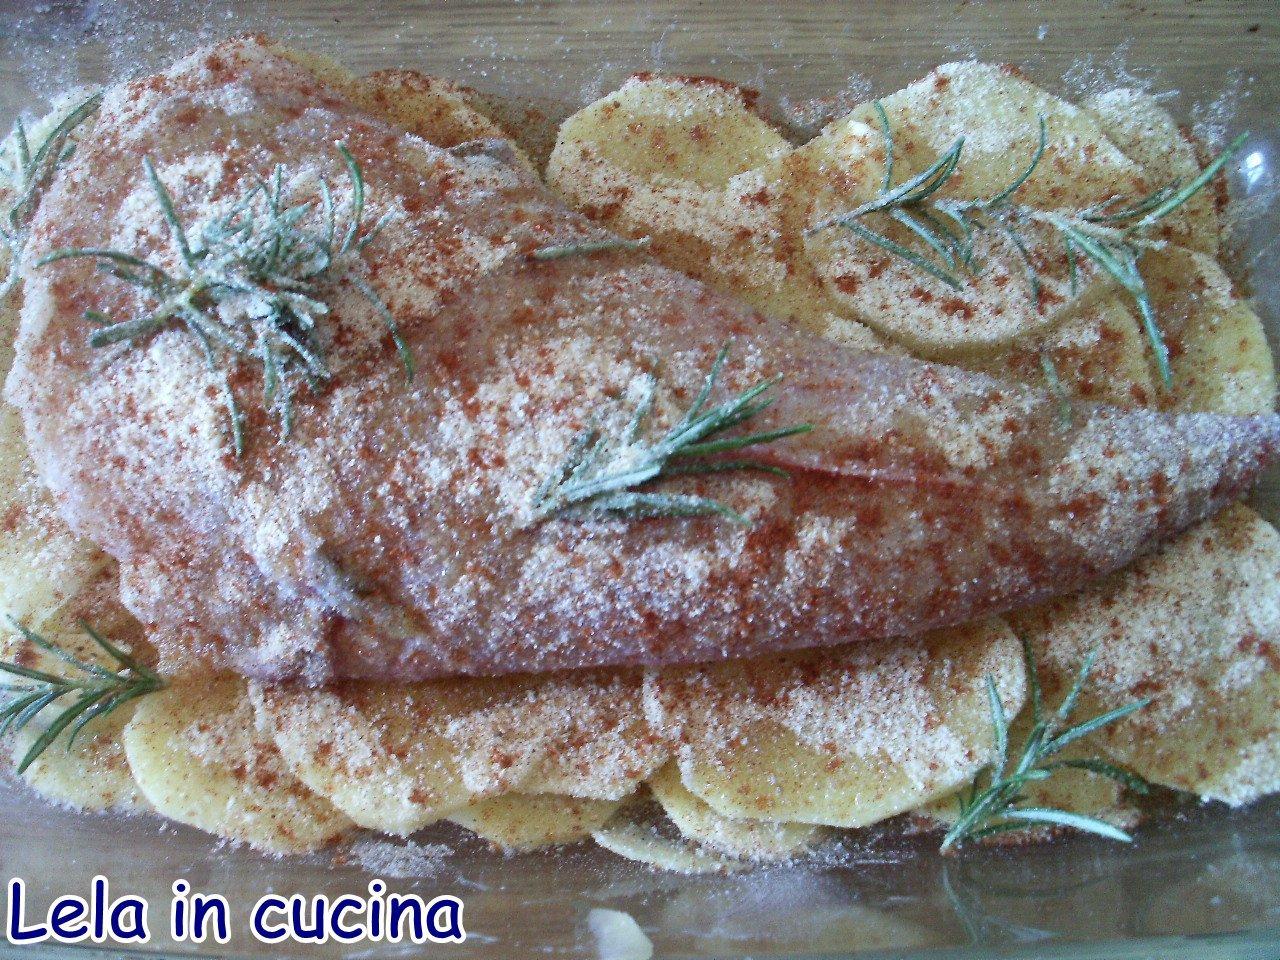 LELA IN CUCINA tutti possono cucinare: coda di rospo al forno alla ...